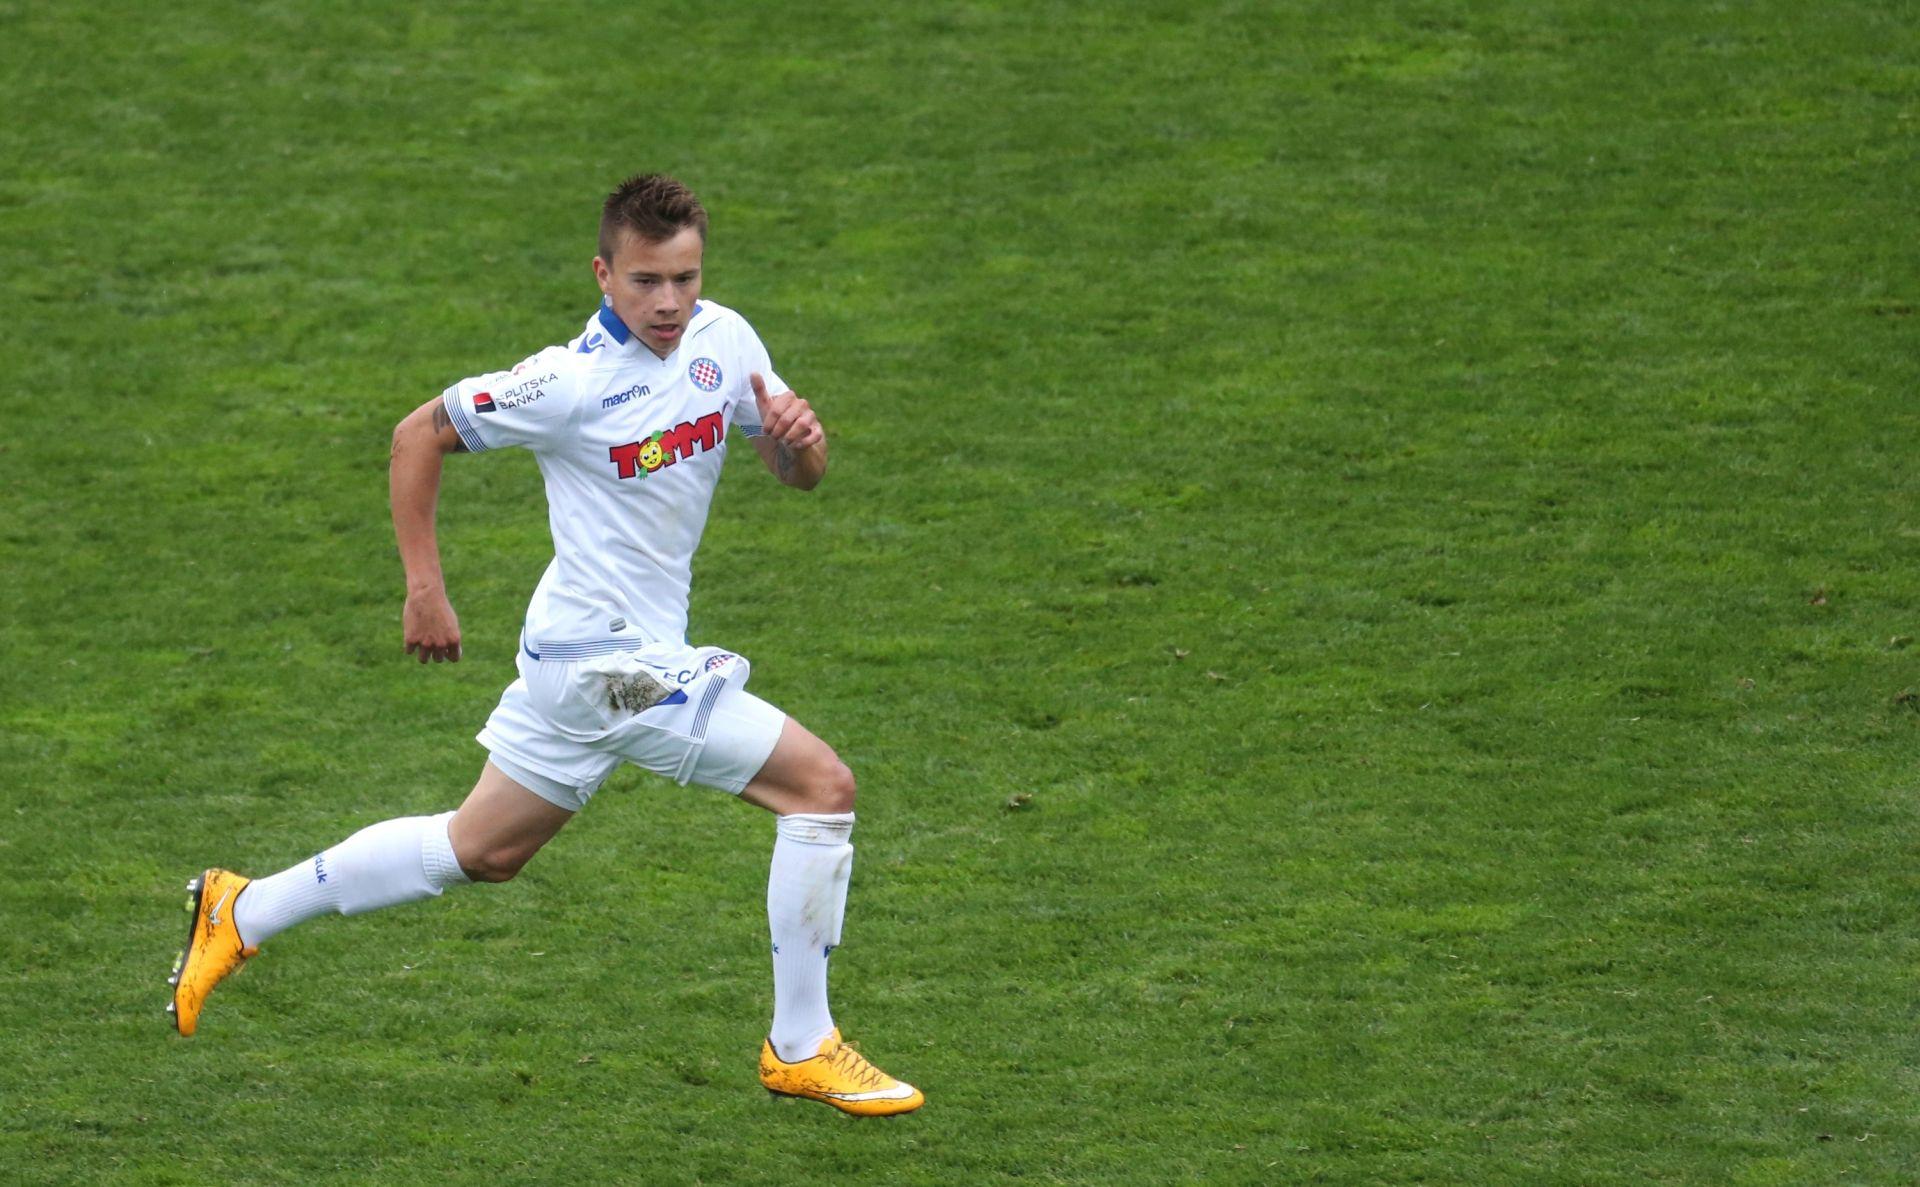 NA POLJUDU DO 2019. Fran Tudor potpisao profesionalni ugovor s Hajdukom